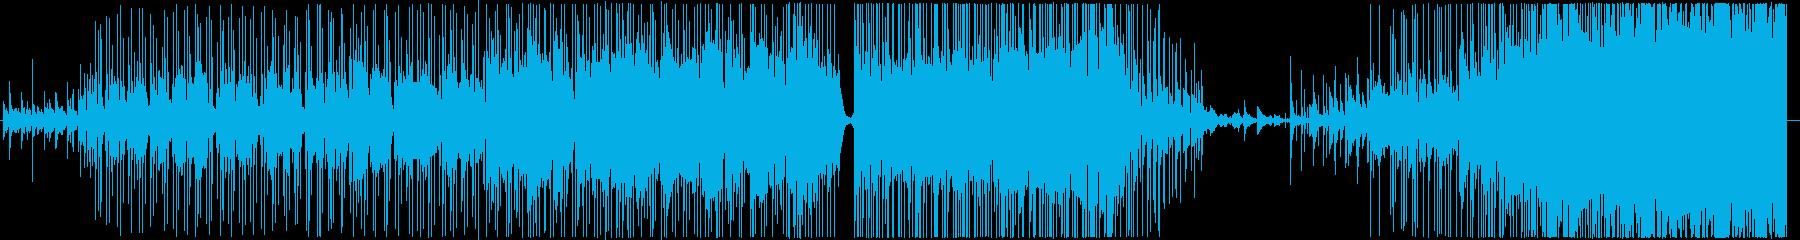 マイ・スウィート・リトル・ダンサーの再生済みの波形